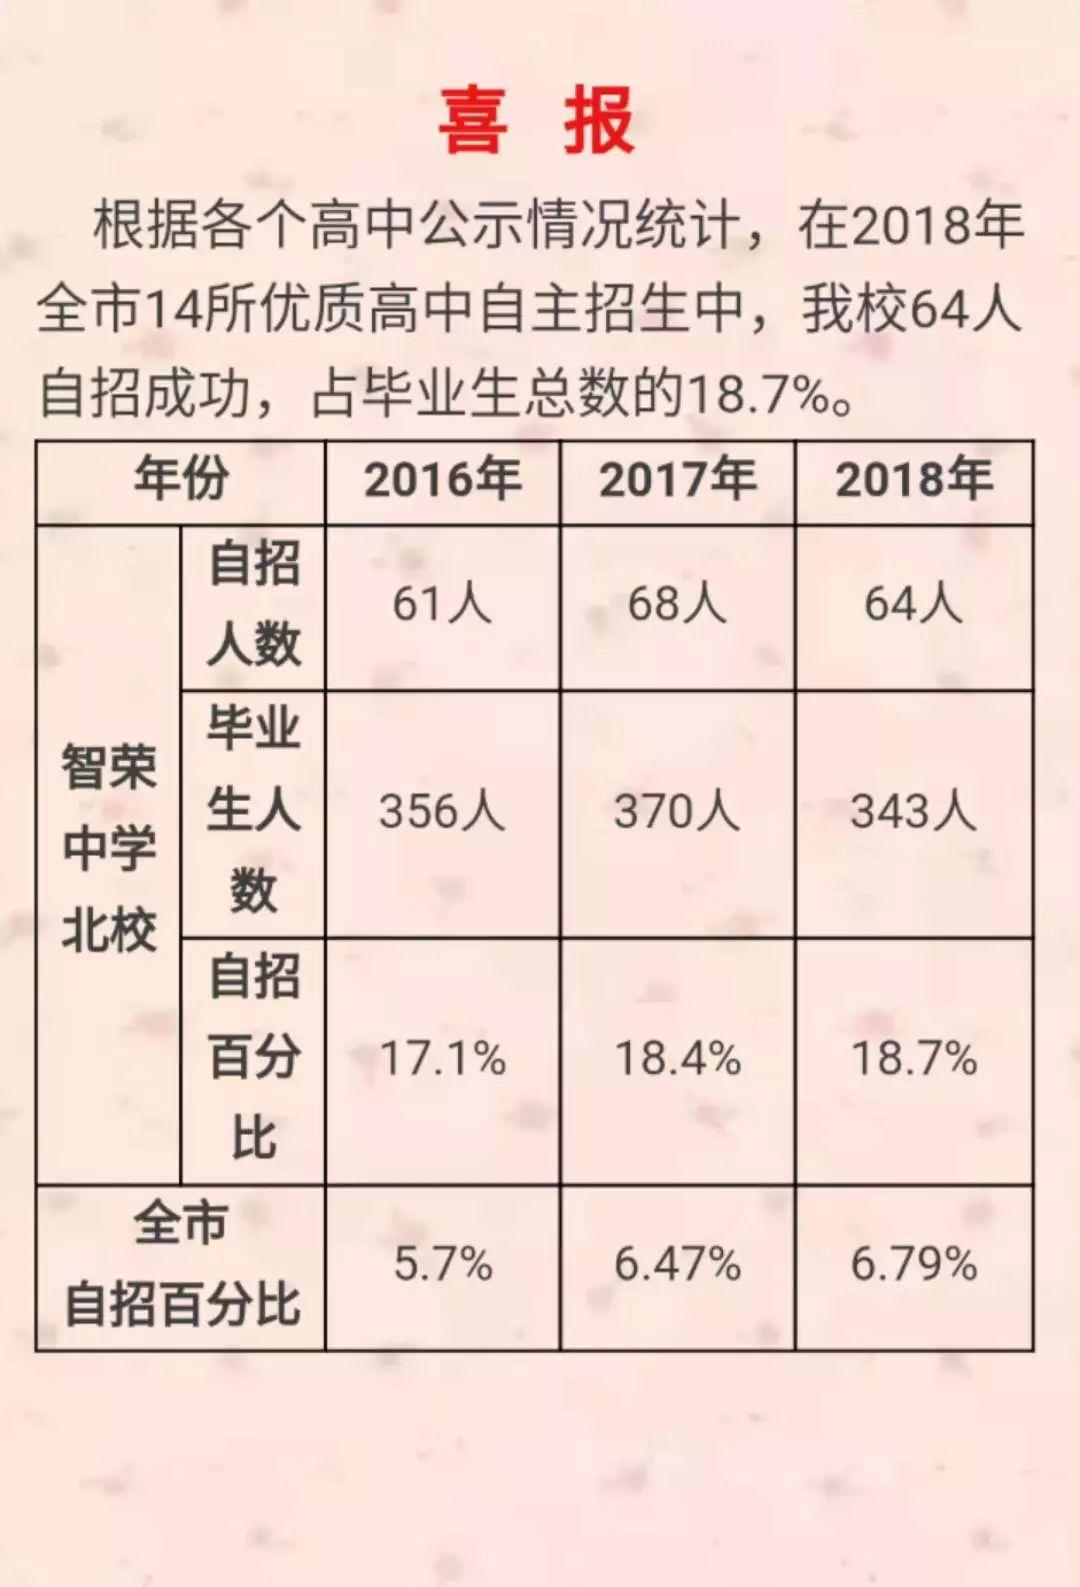 2018青岛小升初初中学校自招录取信息汇总